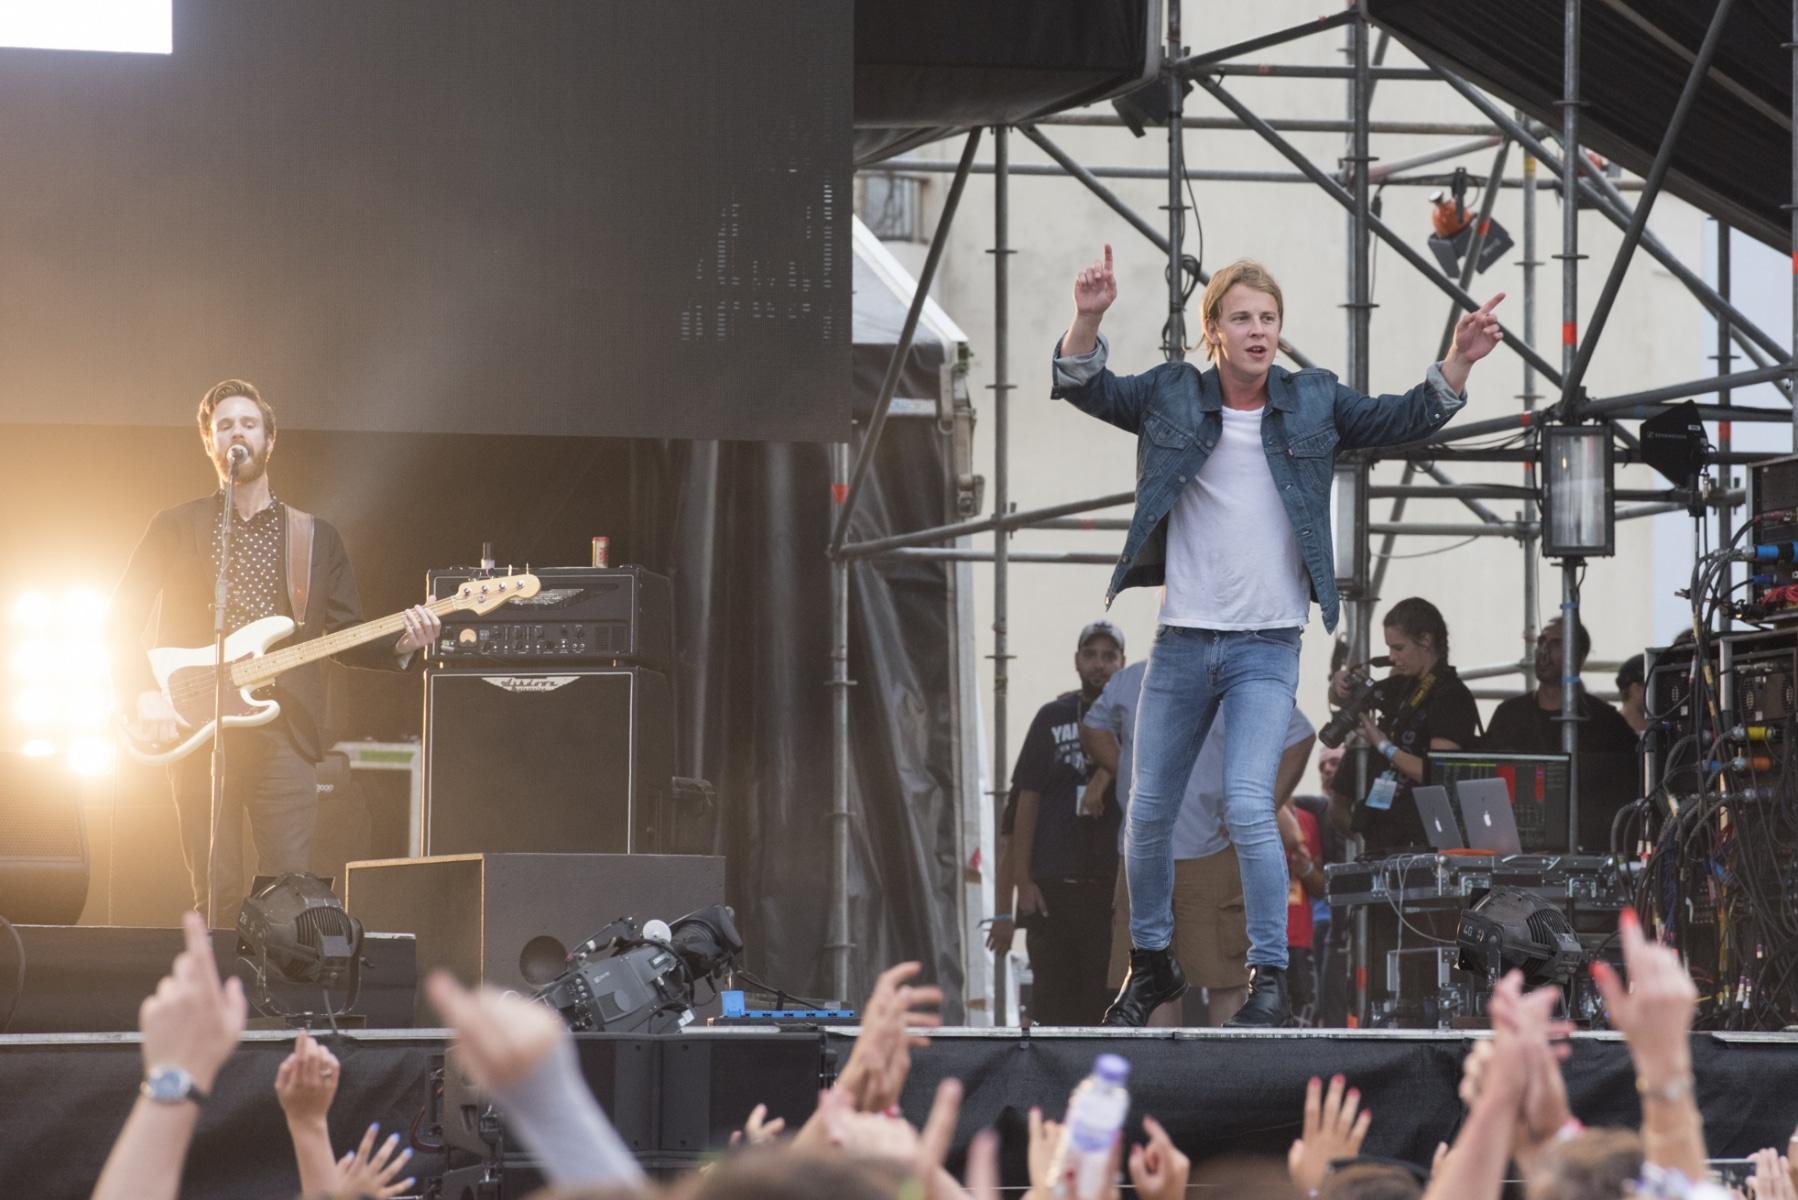 5-septiembre-2015-gibraltar-music-festival-2015-04_21161088496_o